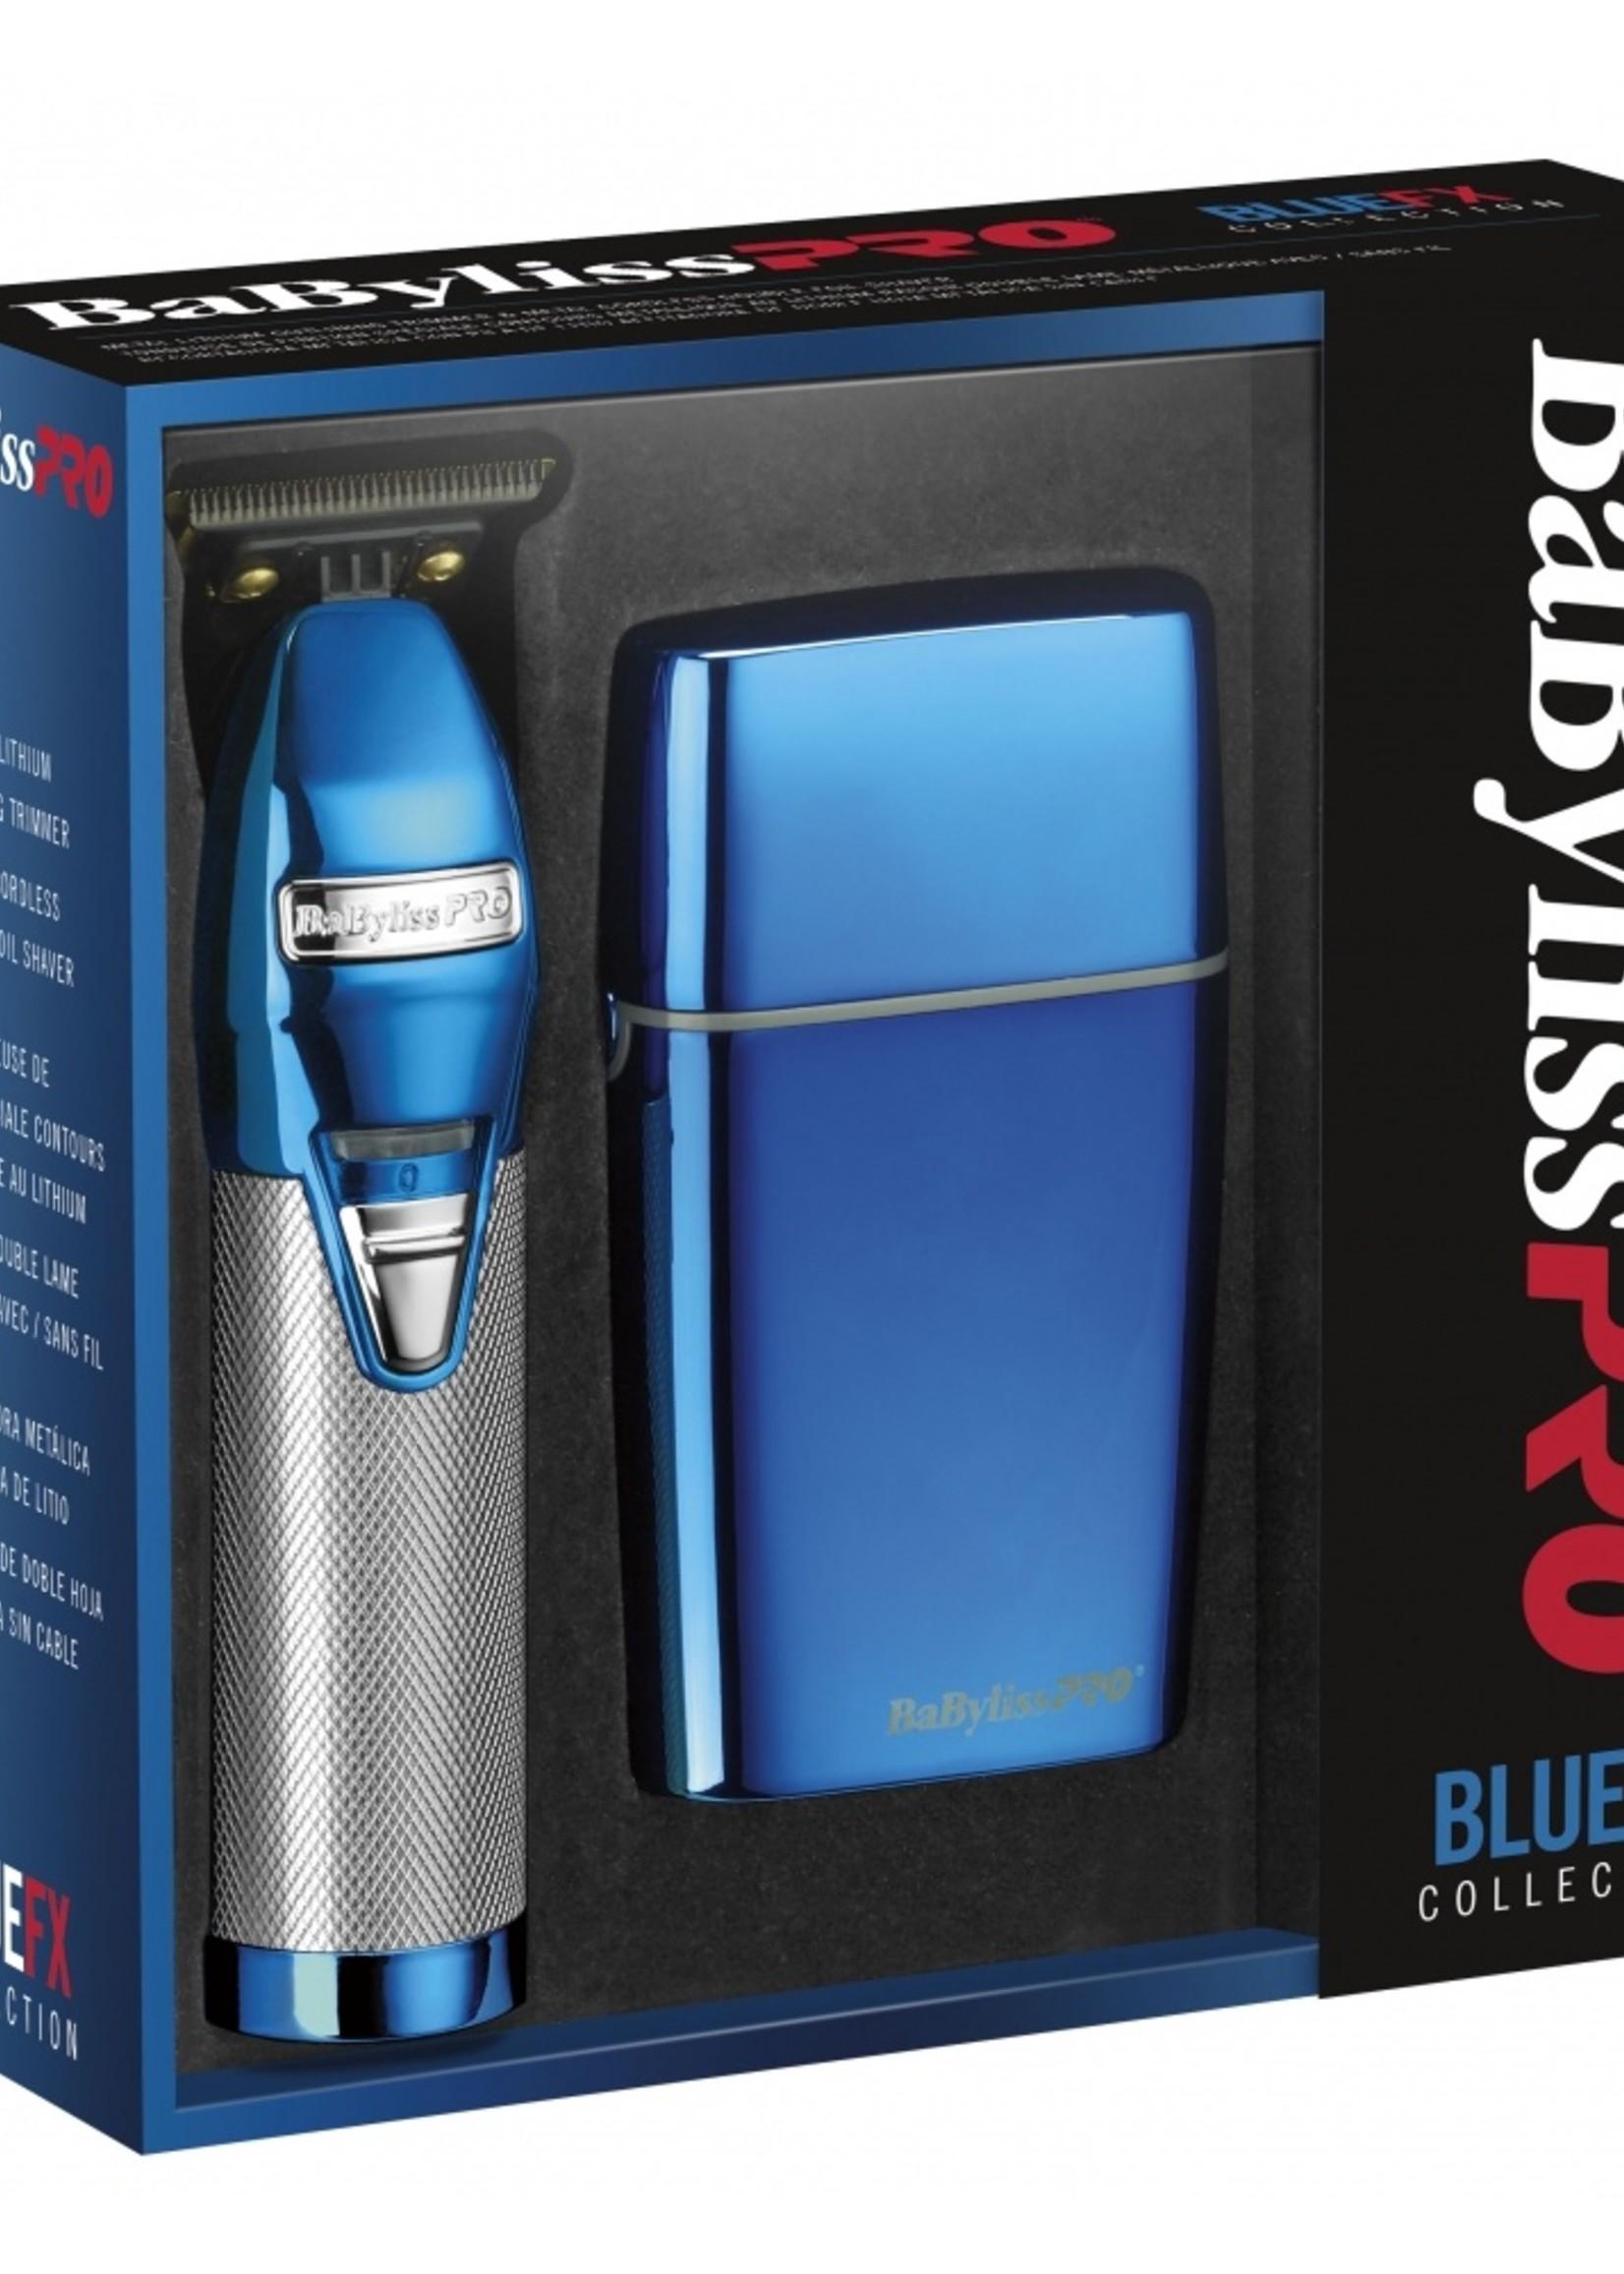 BabylissPro BabylissPro Blue FX Skeleton Trimmer & Shaver